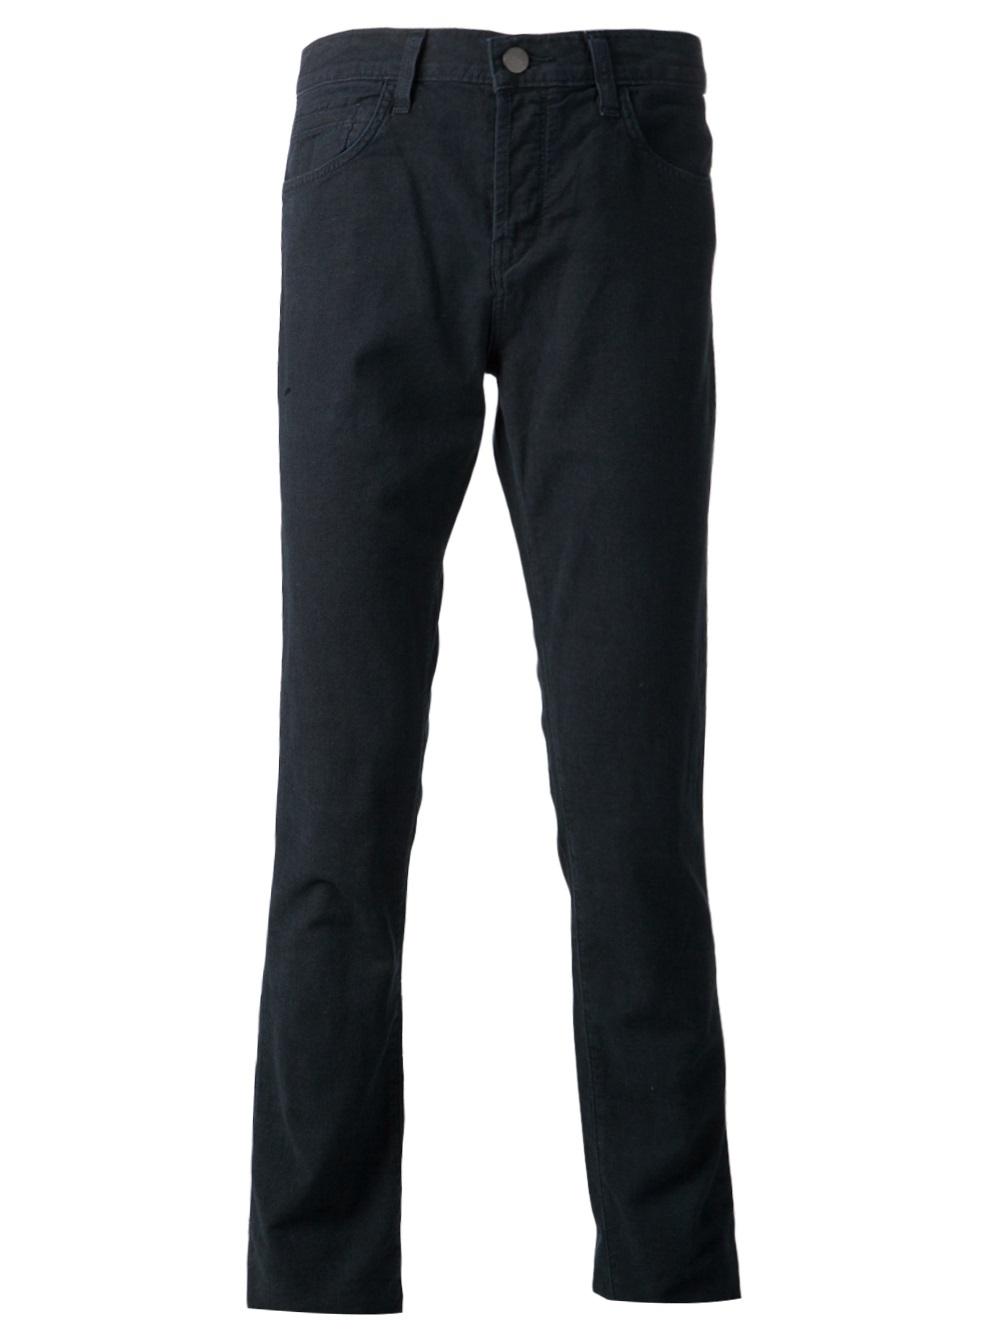 j brand fulton jeans in blue for men lyst. Black Bedroom Furniture Sets. Home Design Ideas